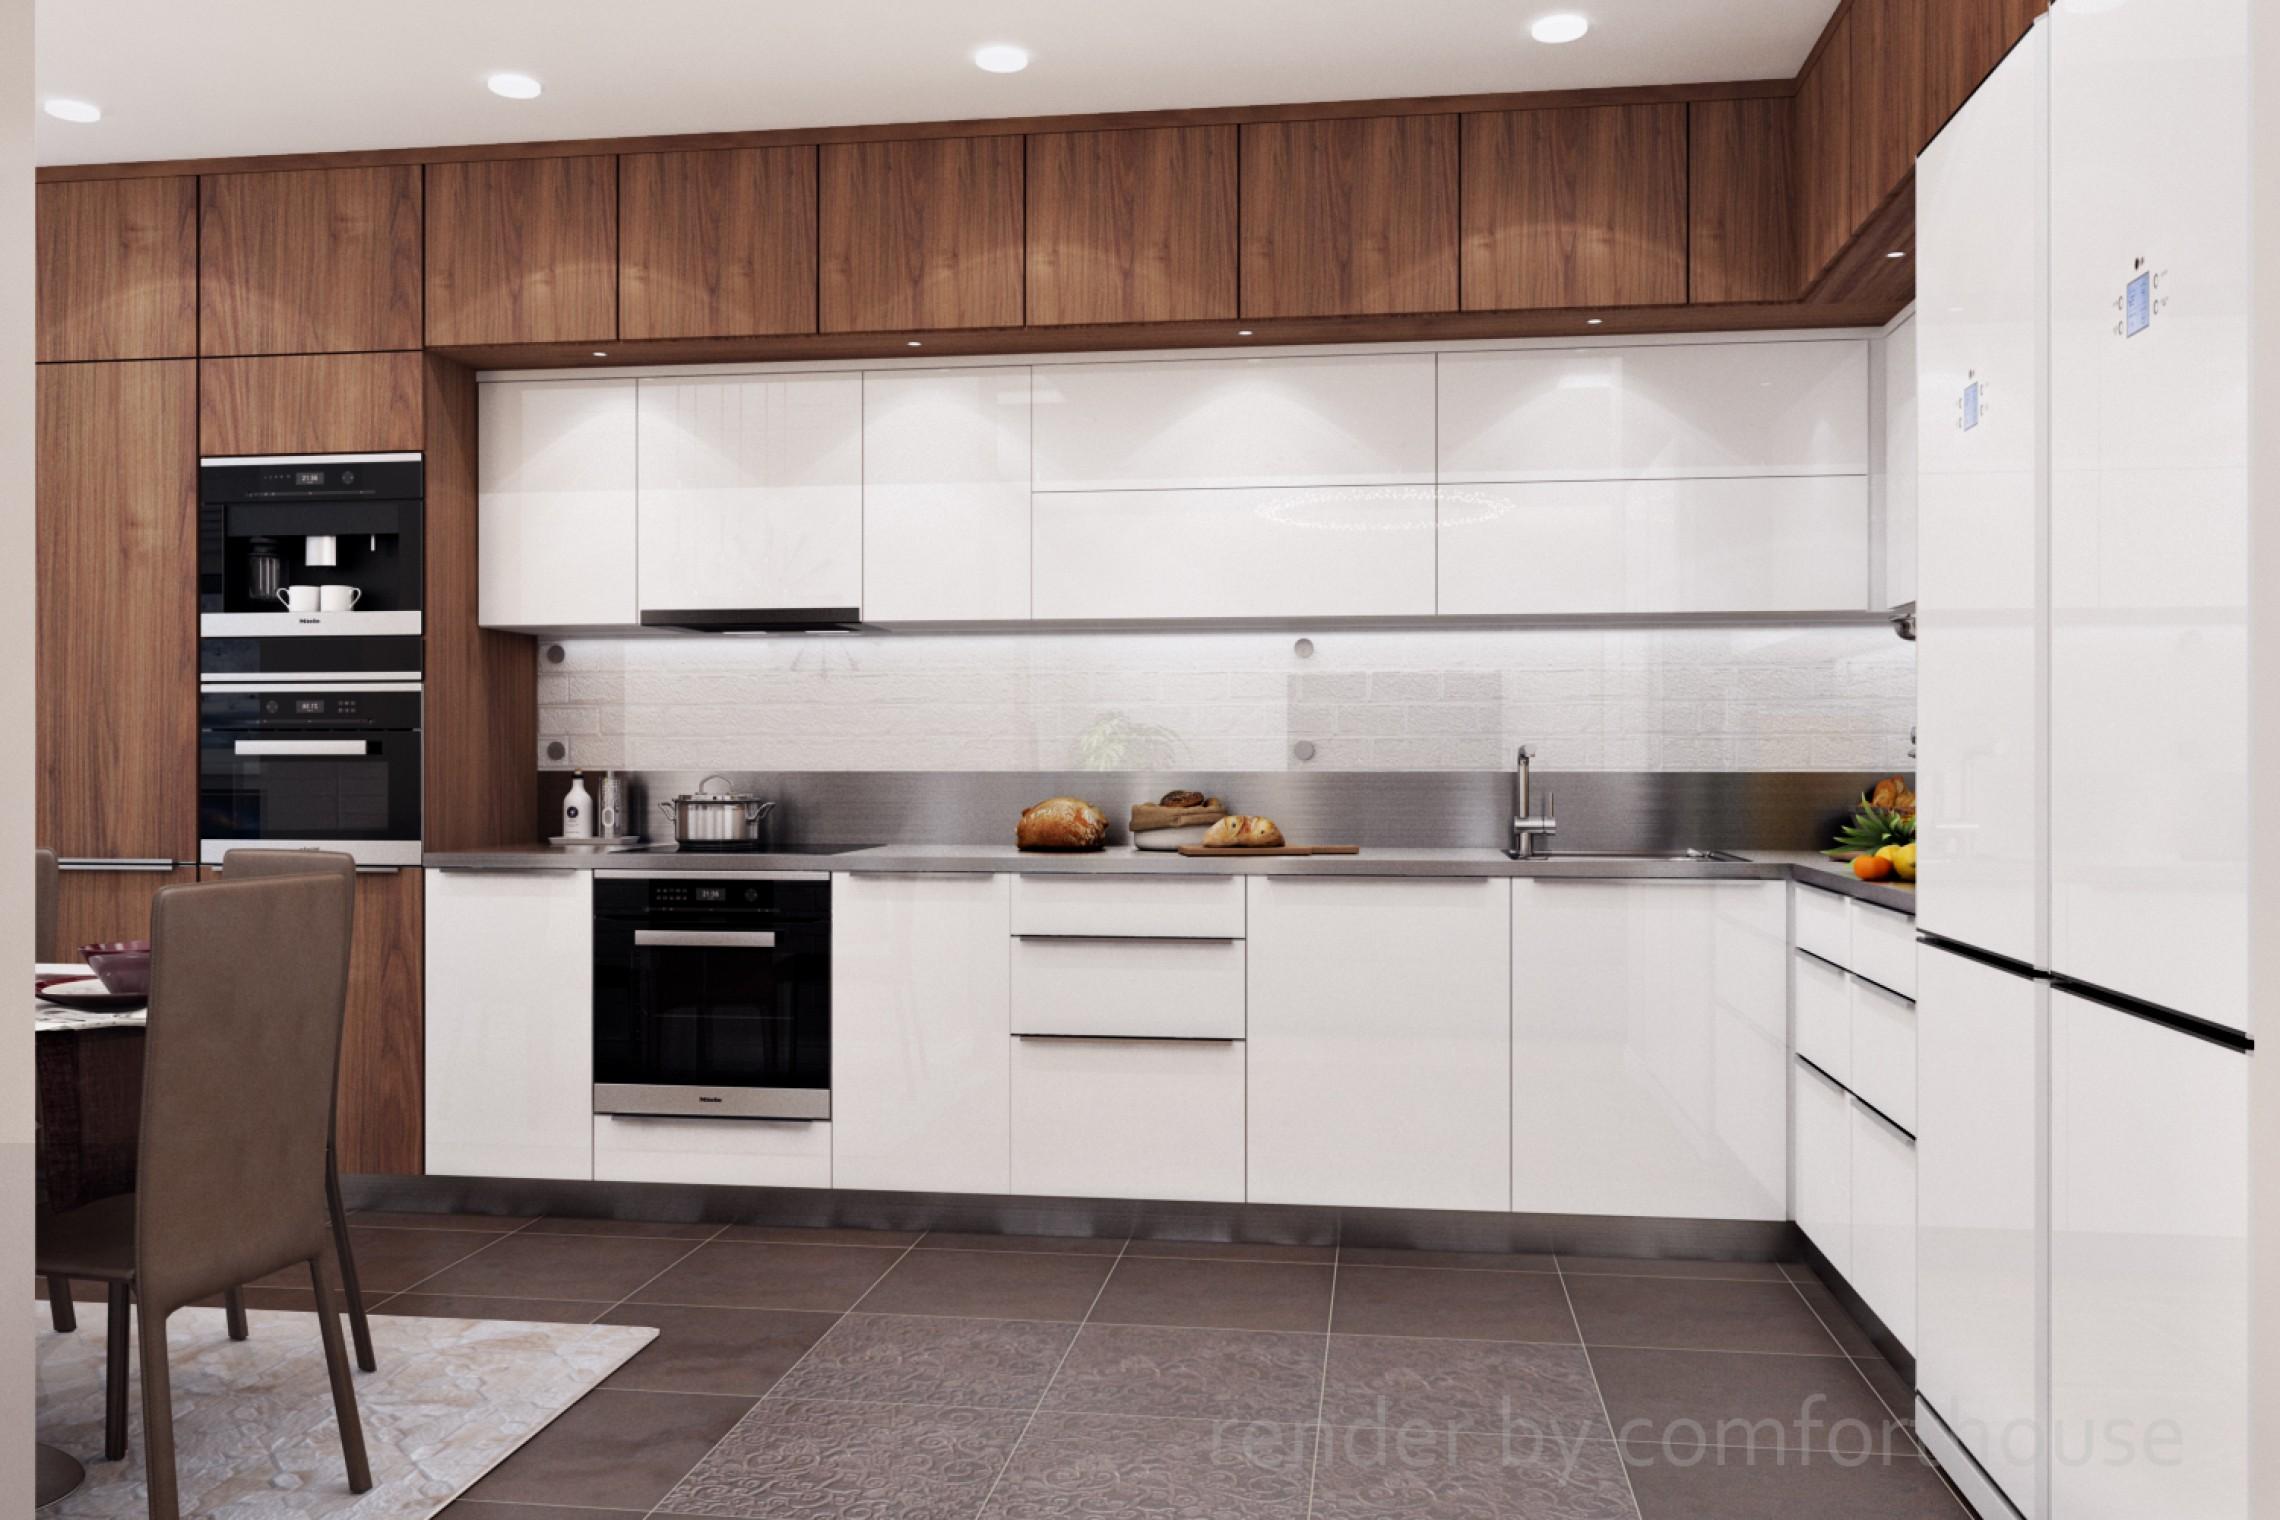 Modern light interior kitchen